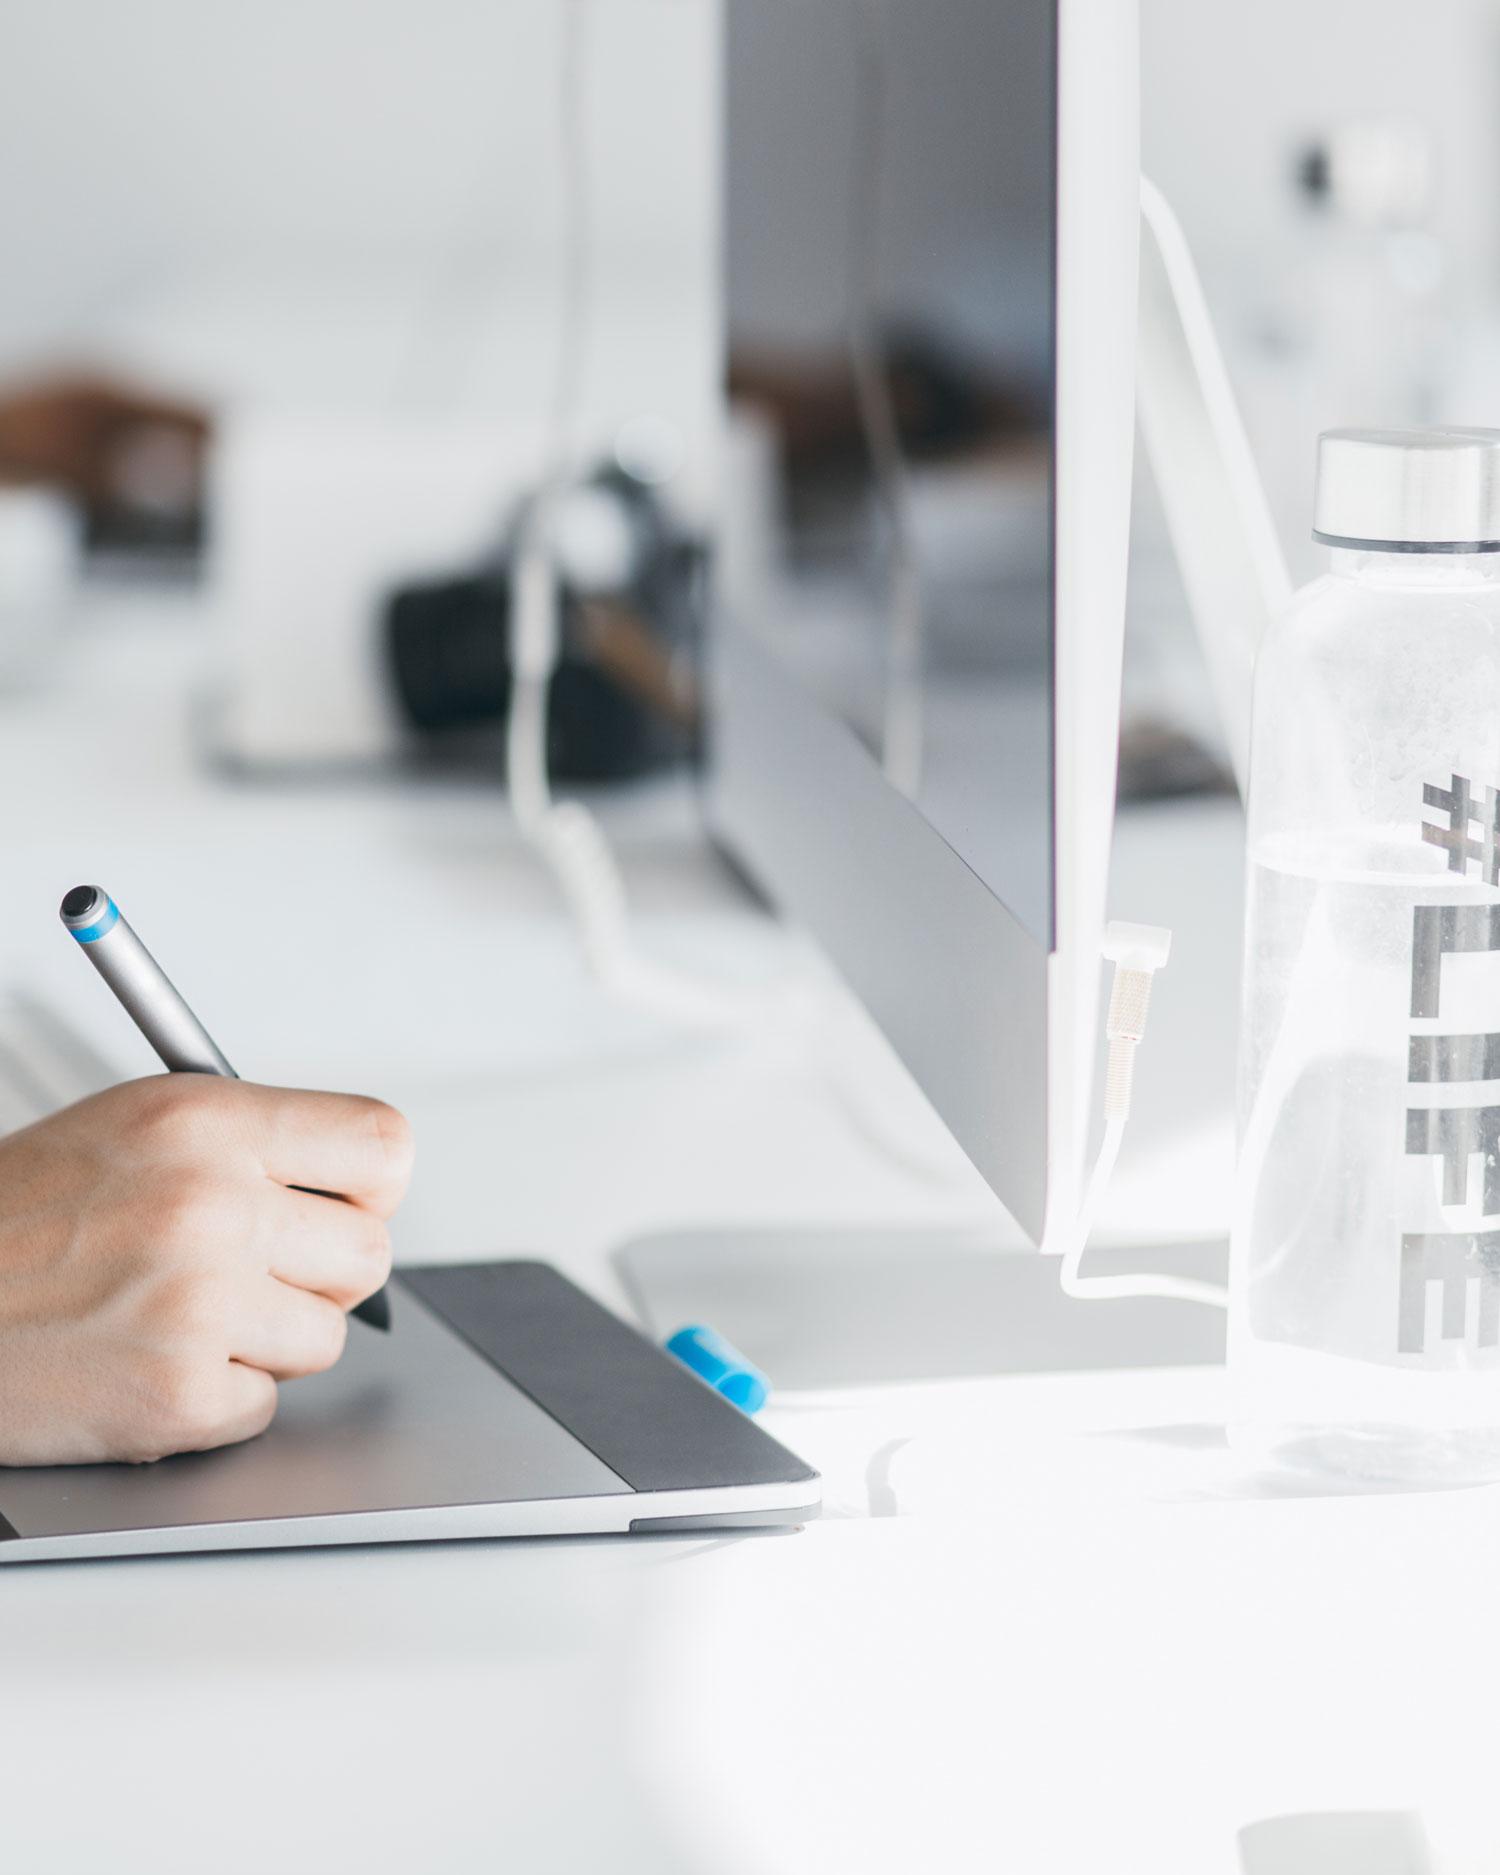 lindhauer_druck_medien_produktion_webdesign_digitale_medien_druckerei_paderborn